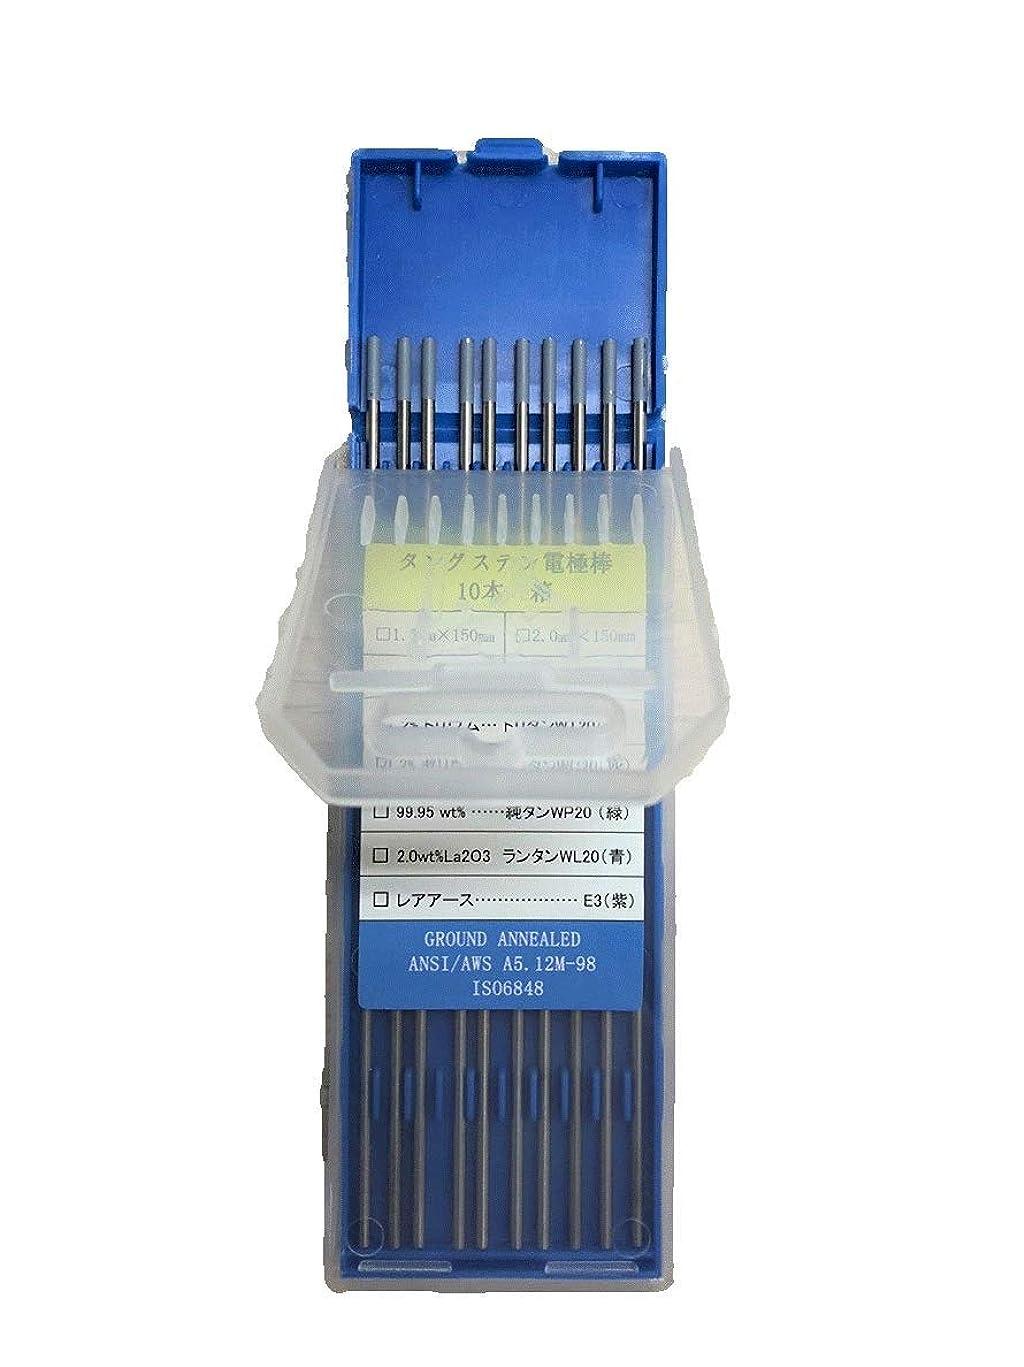 楽しませる検体スナックTIG電極棒 タングステン WC20 セリウム2%入り 2.4mm×150mm 5本セット